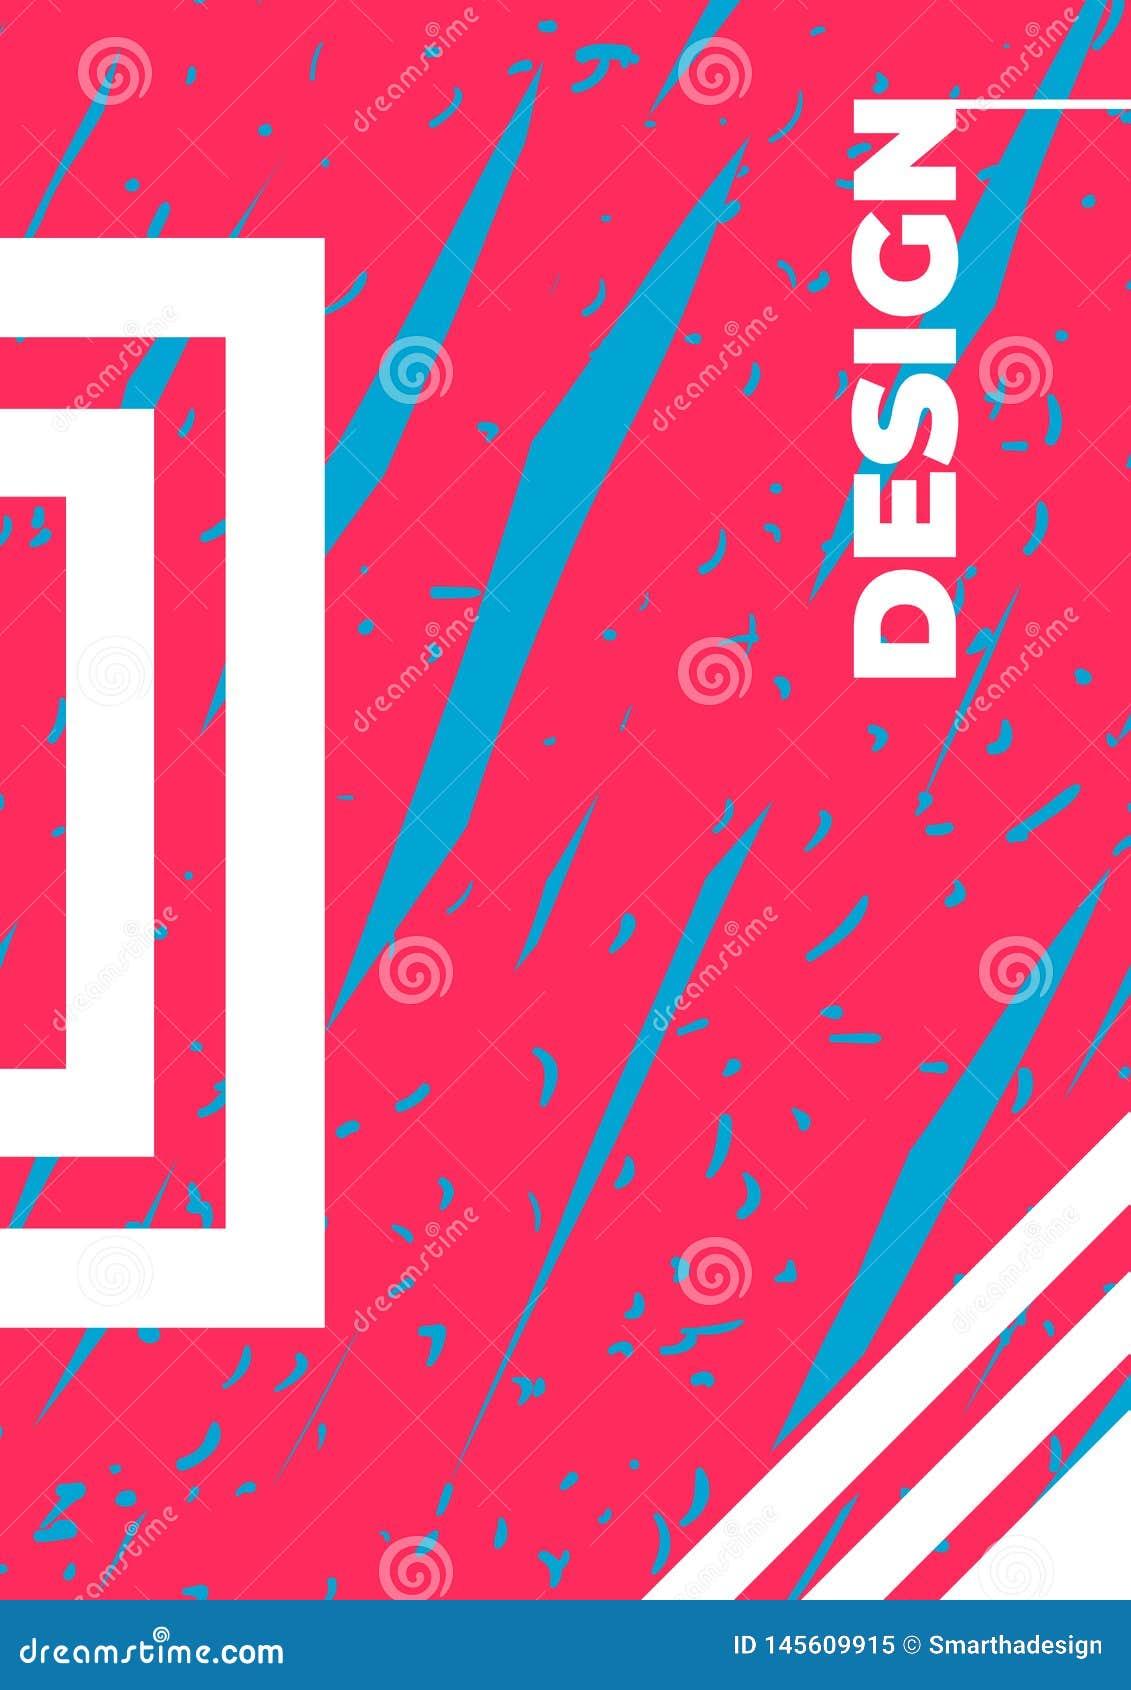 Malplaatje van het affiche het vectormodel Ontwerpt de hand getrokken roze en blauwe illustratieachtergrond, decoratieve elemente